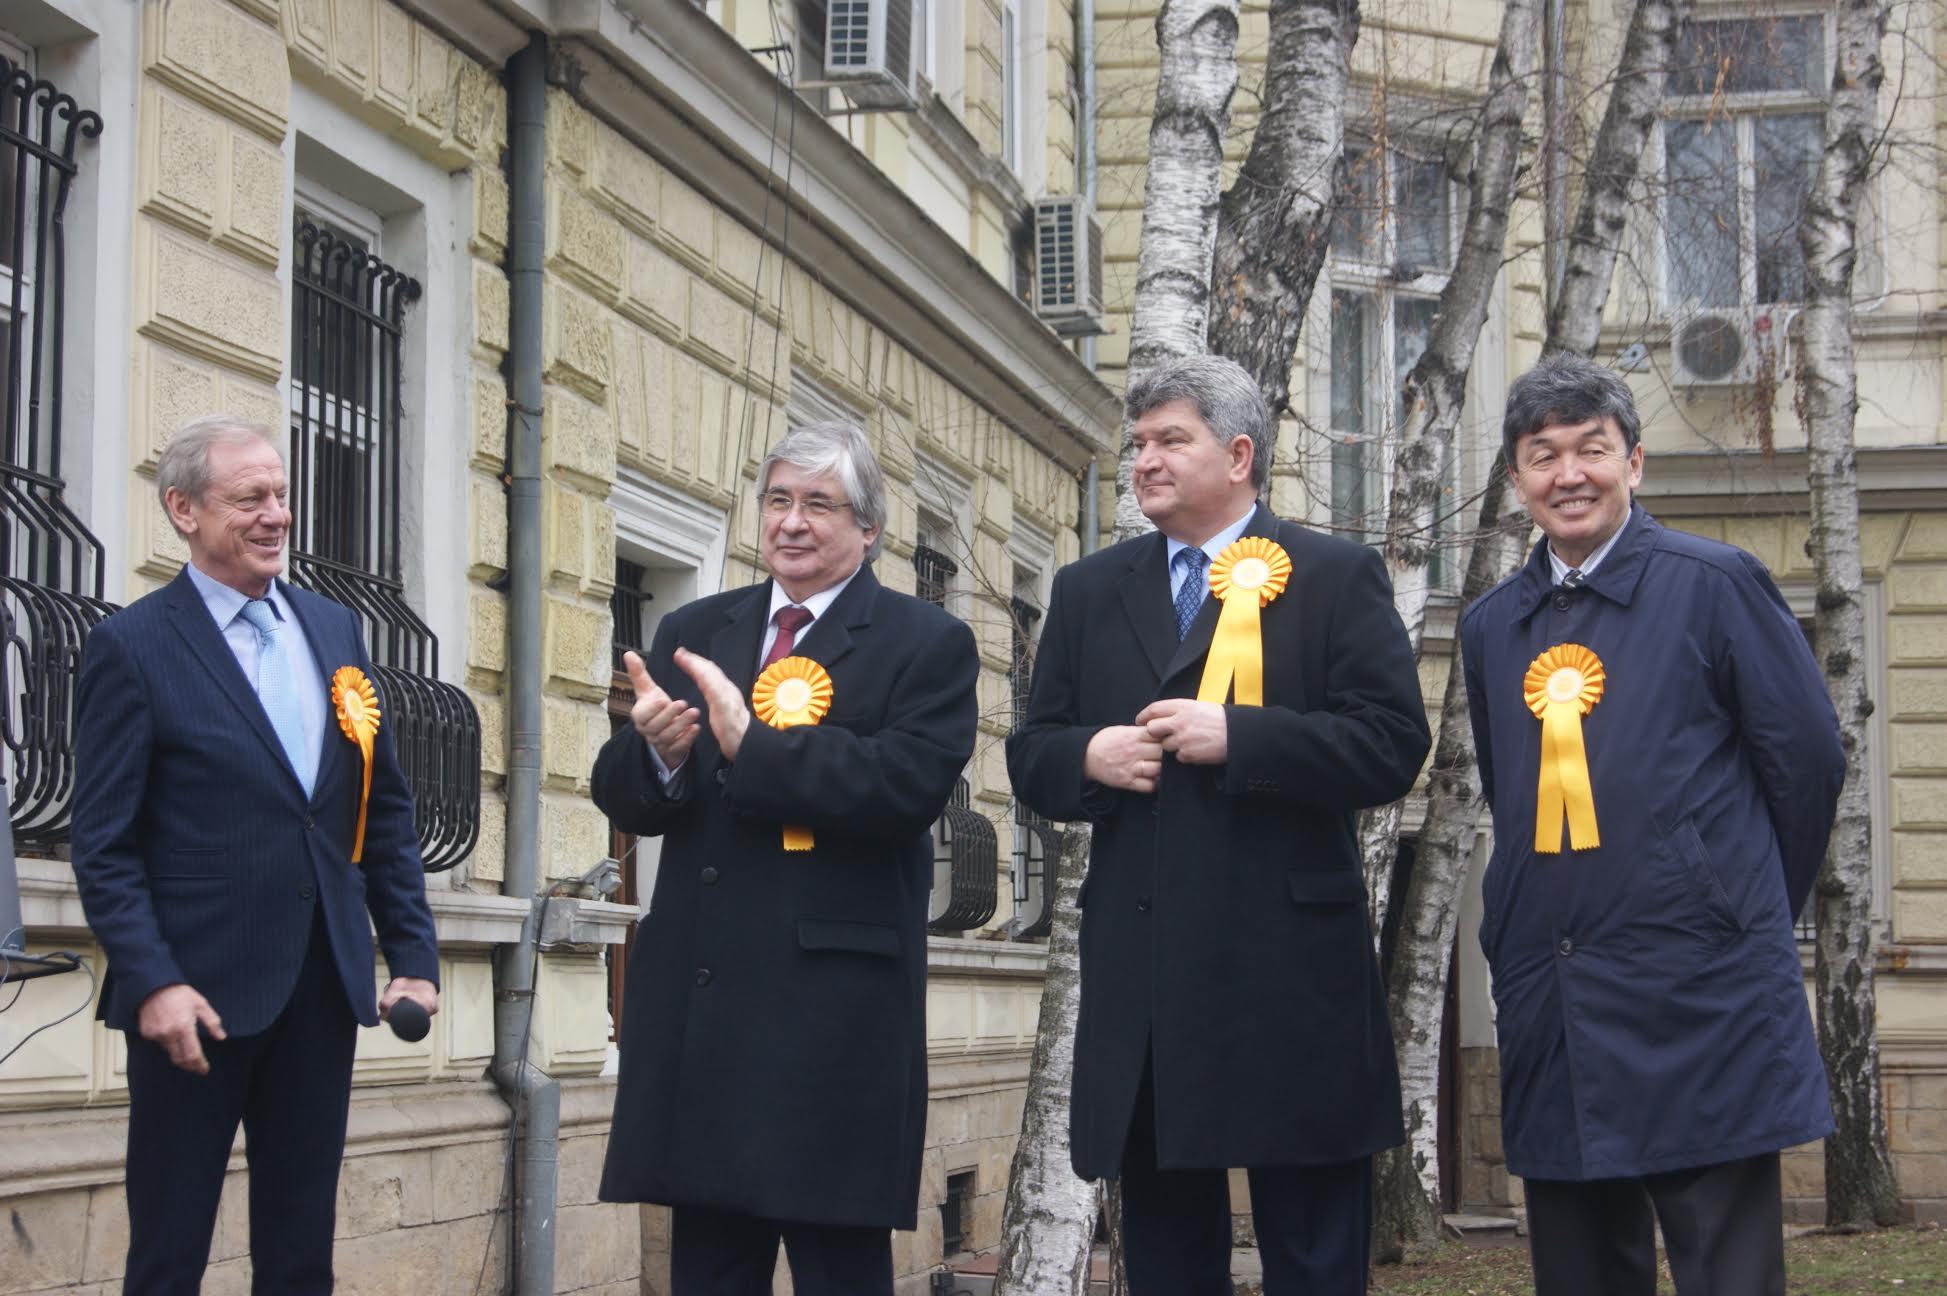 Посланиците на Русия (Анатолий Макаров), Беларус (Владимир Александрович) и Казахстан (Темиртай Избастин) празнуват Масленица в София.